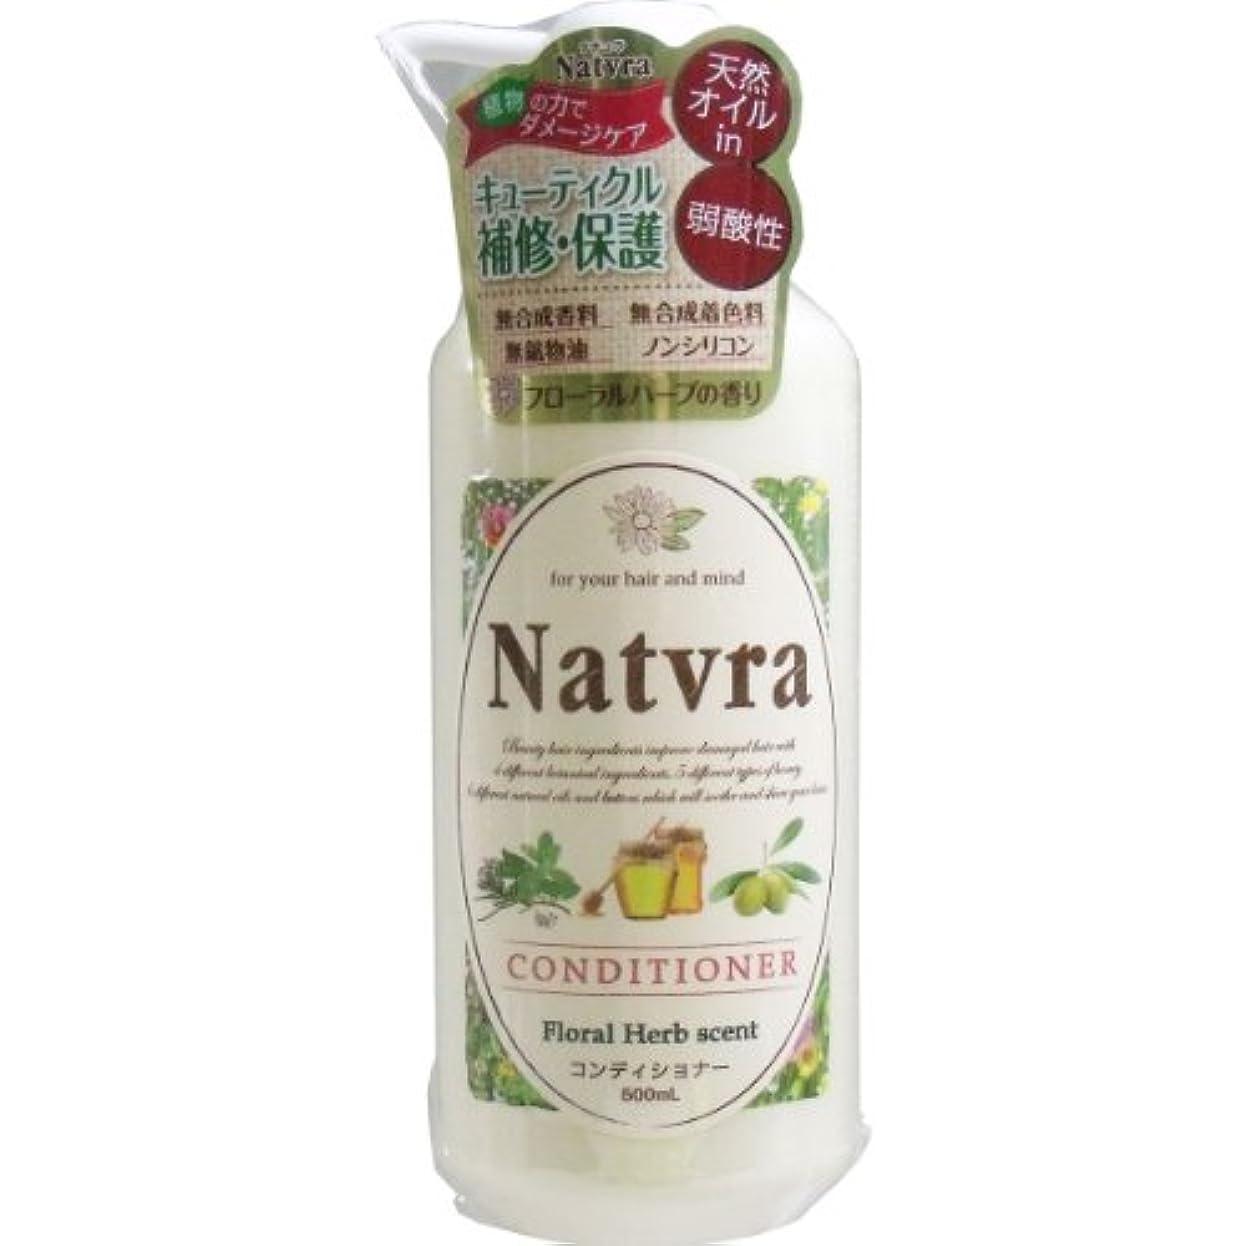 指最も遠い光Natvra(ナチュラ) コンディショナー フローラルハーブの香り 500mL【3個セット】